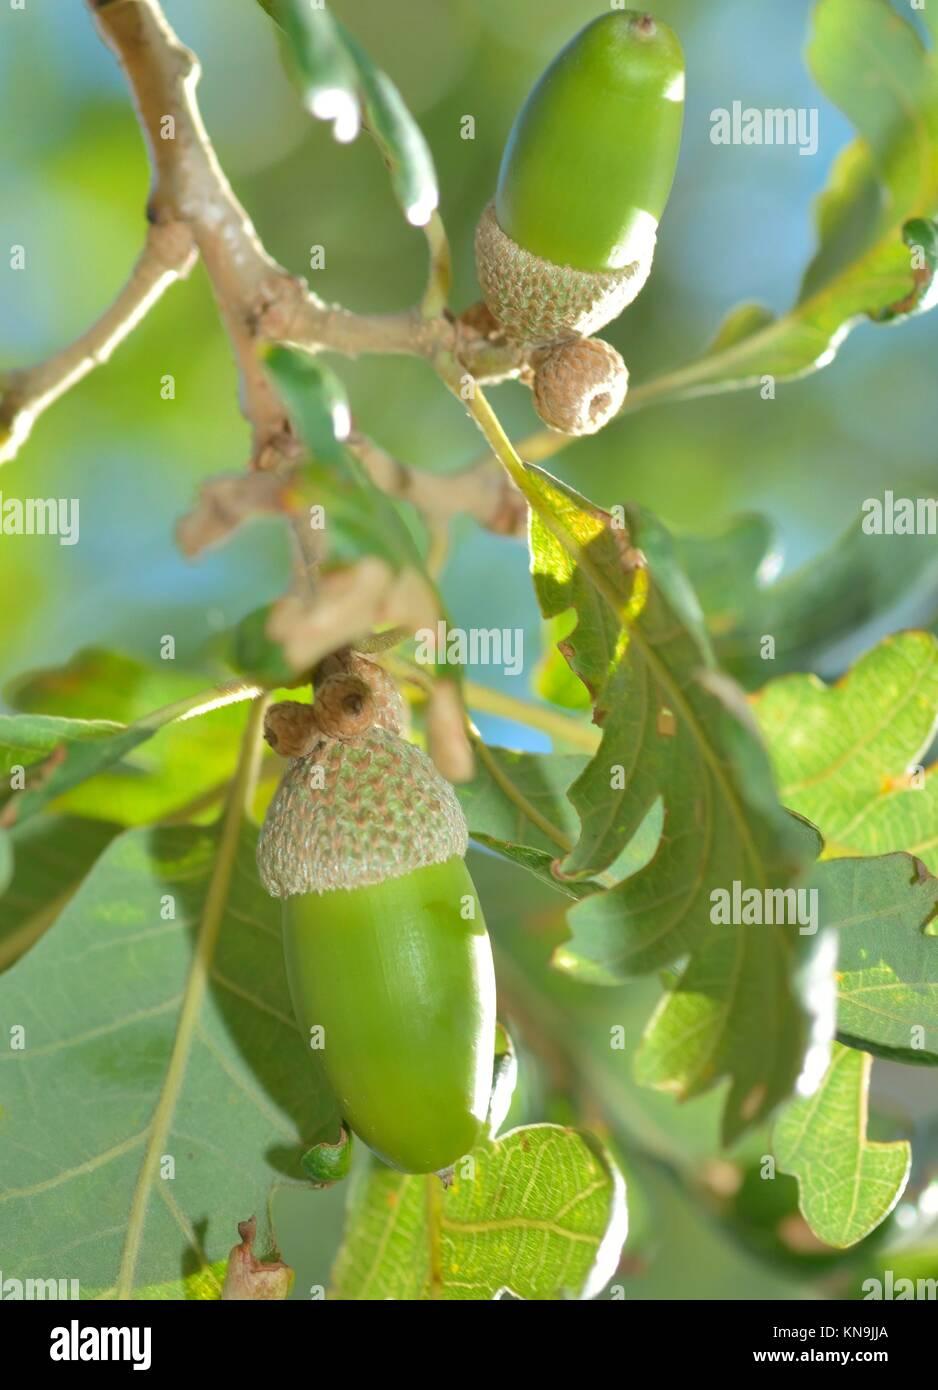 Rama de encina con bellotas verdes. Foto de stock